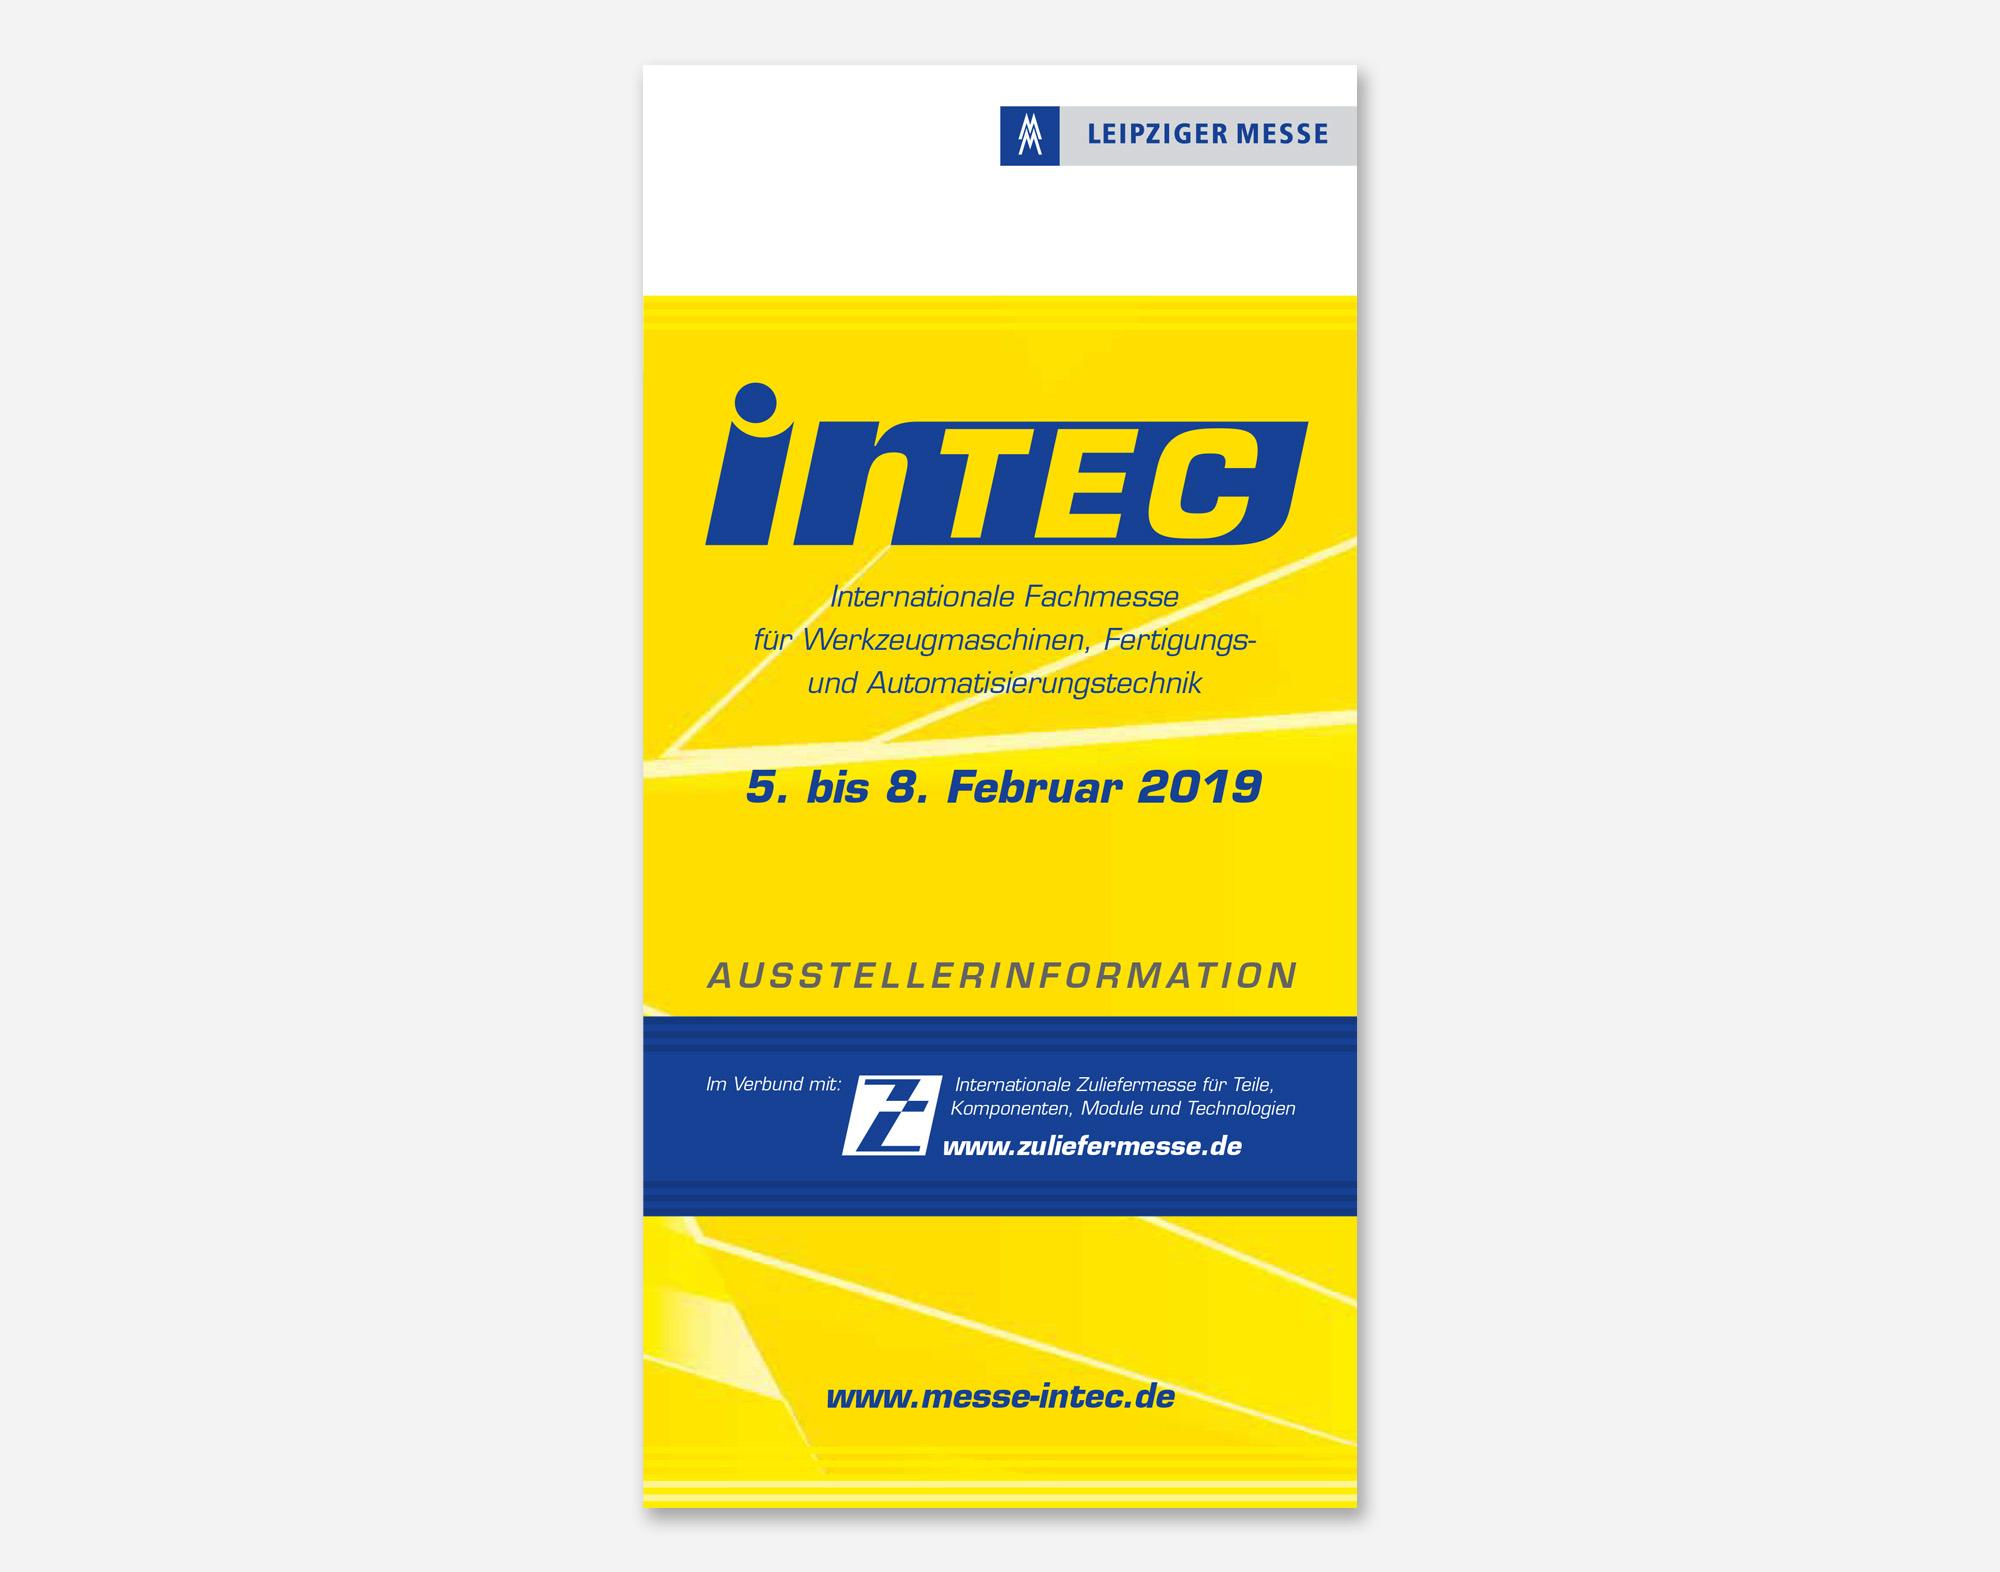 Intec 2019